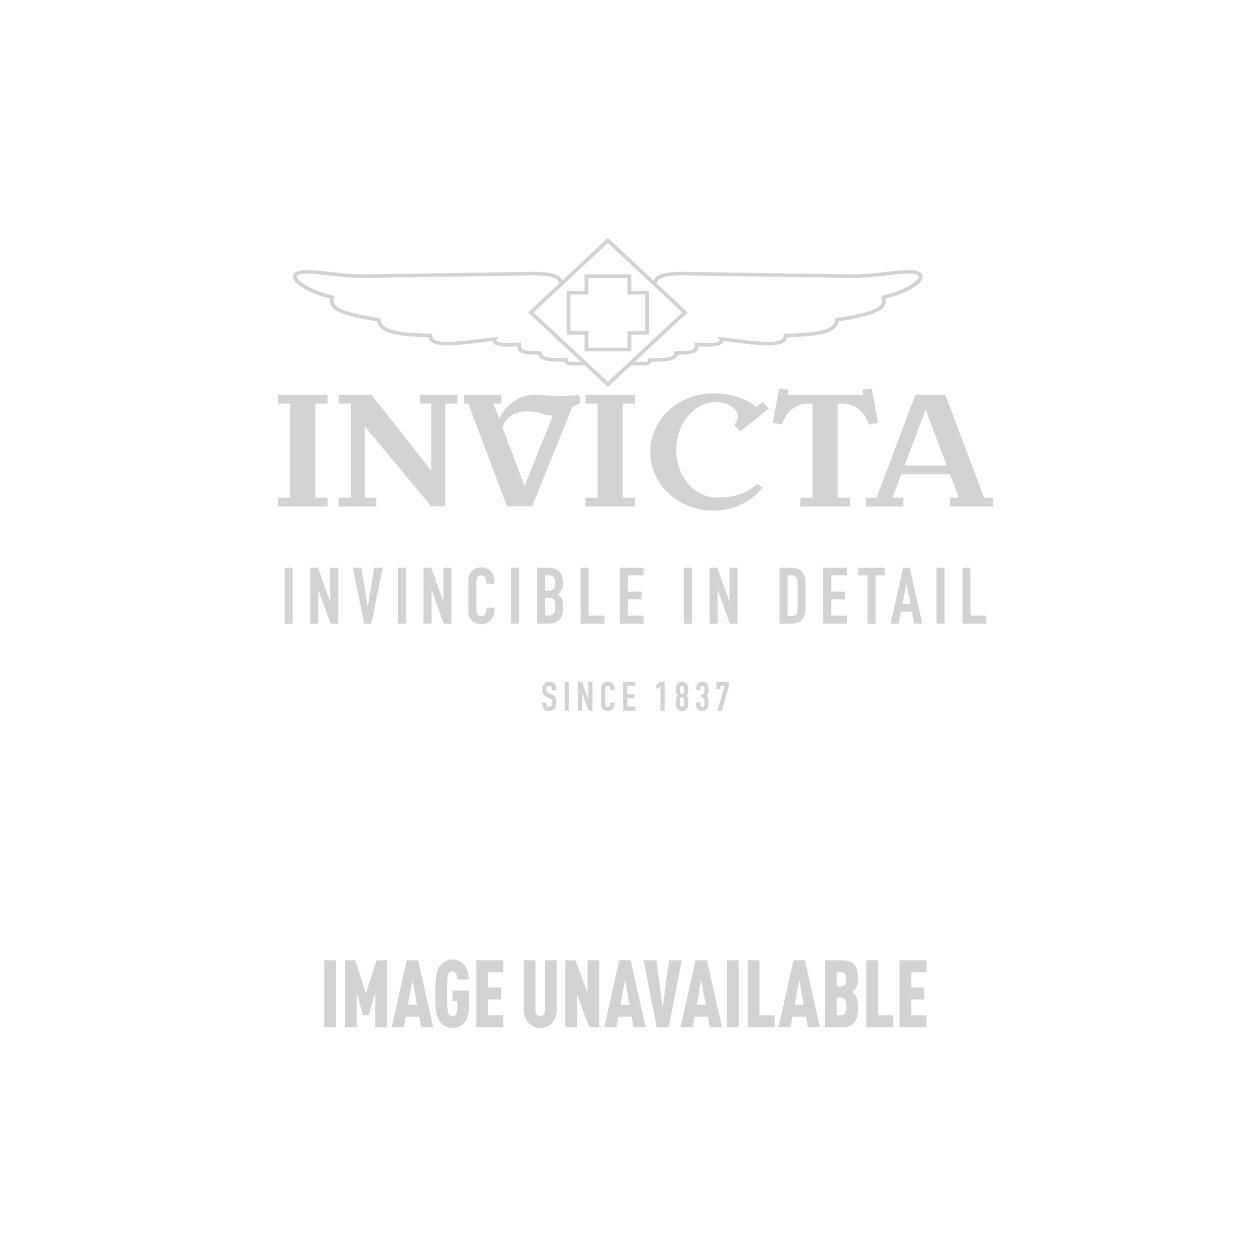 Invicta Model 29408